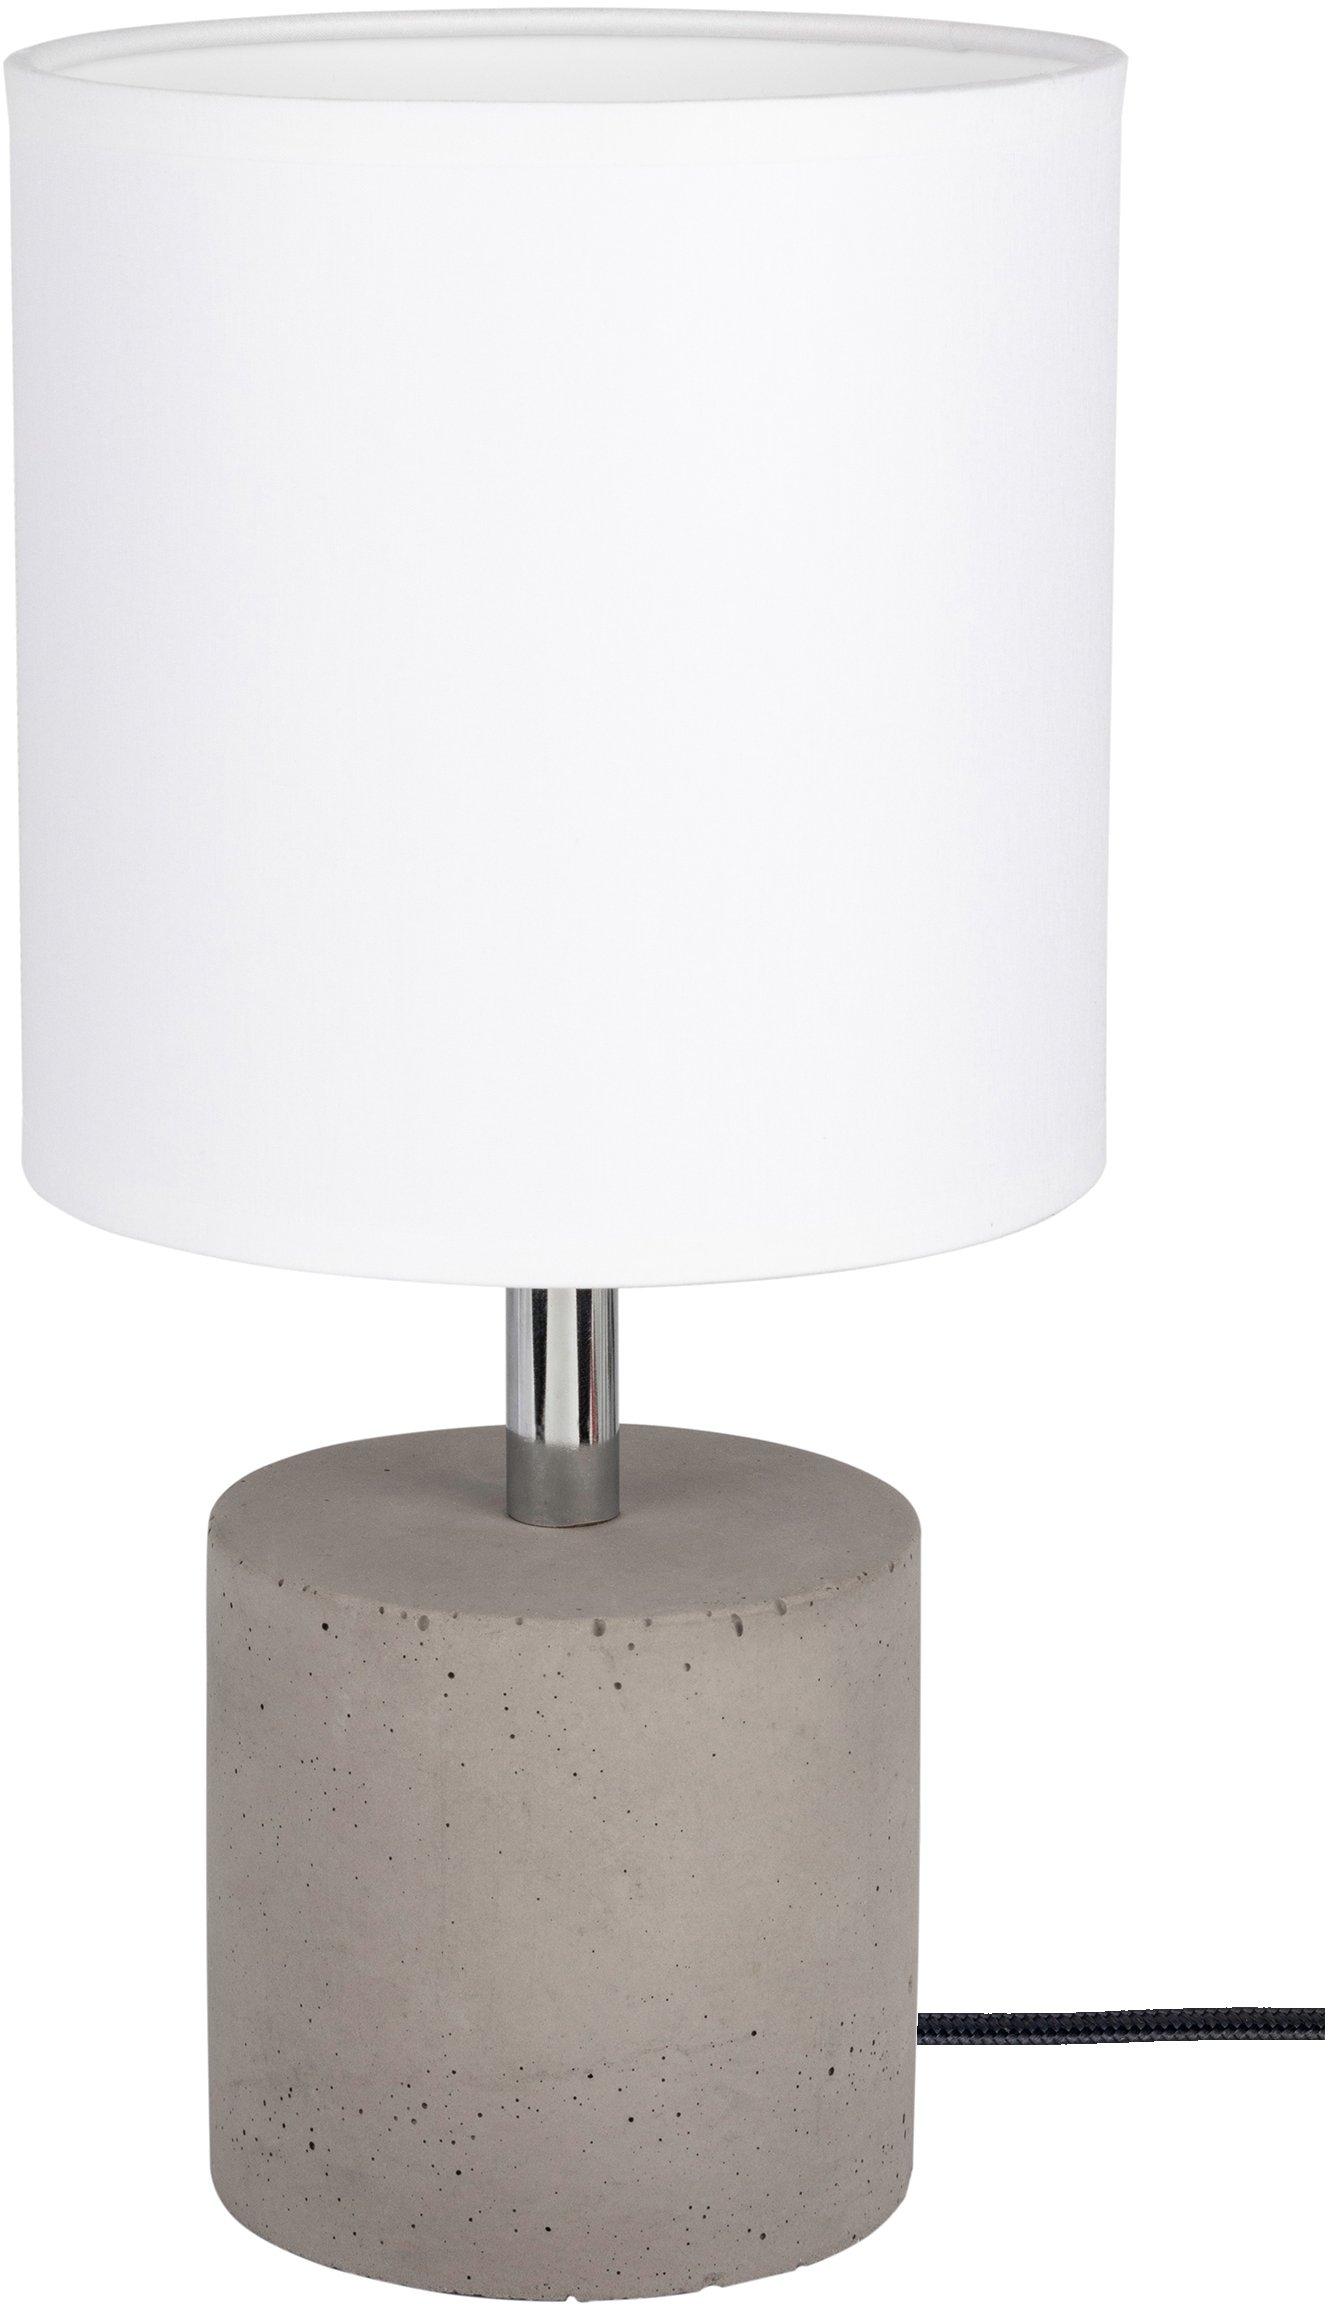 Op zoek naar een SPOT Light Tafellamp Strong Echt beton - met de hand gemaakt, natuurproduct - duurzaam, lampenkap van stof, Made in Europe (1 stuk)? Koop online bij OTTO